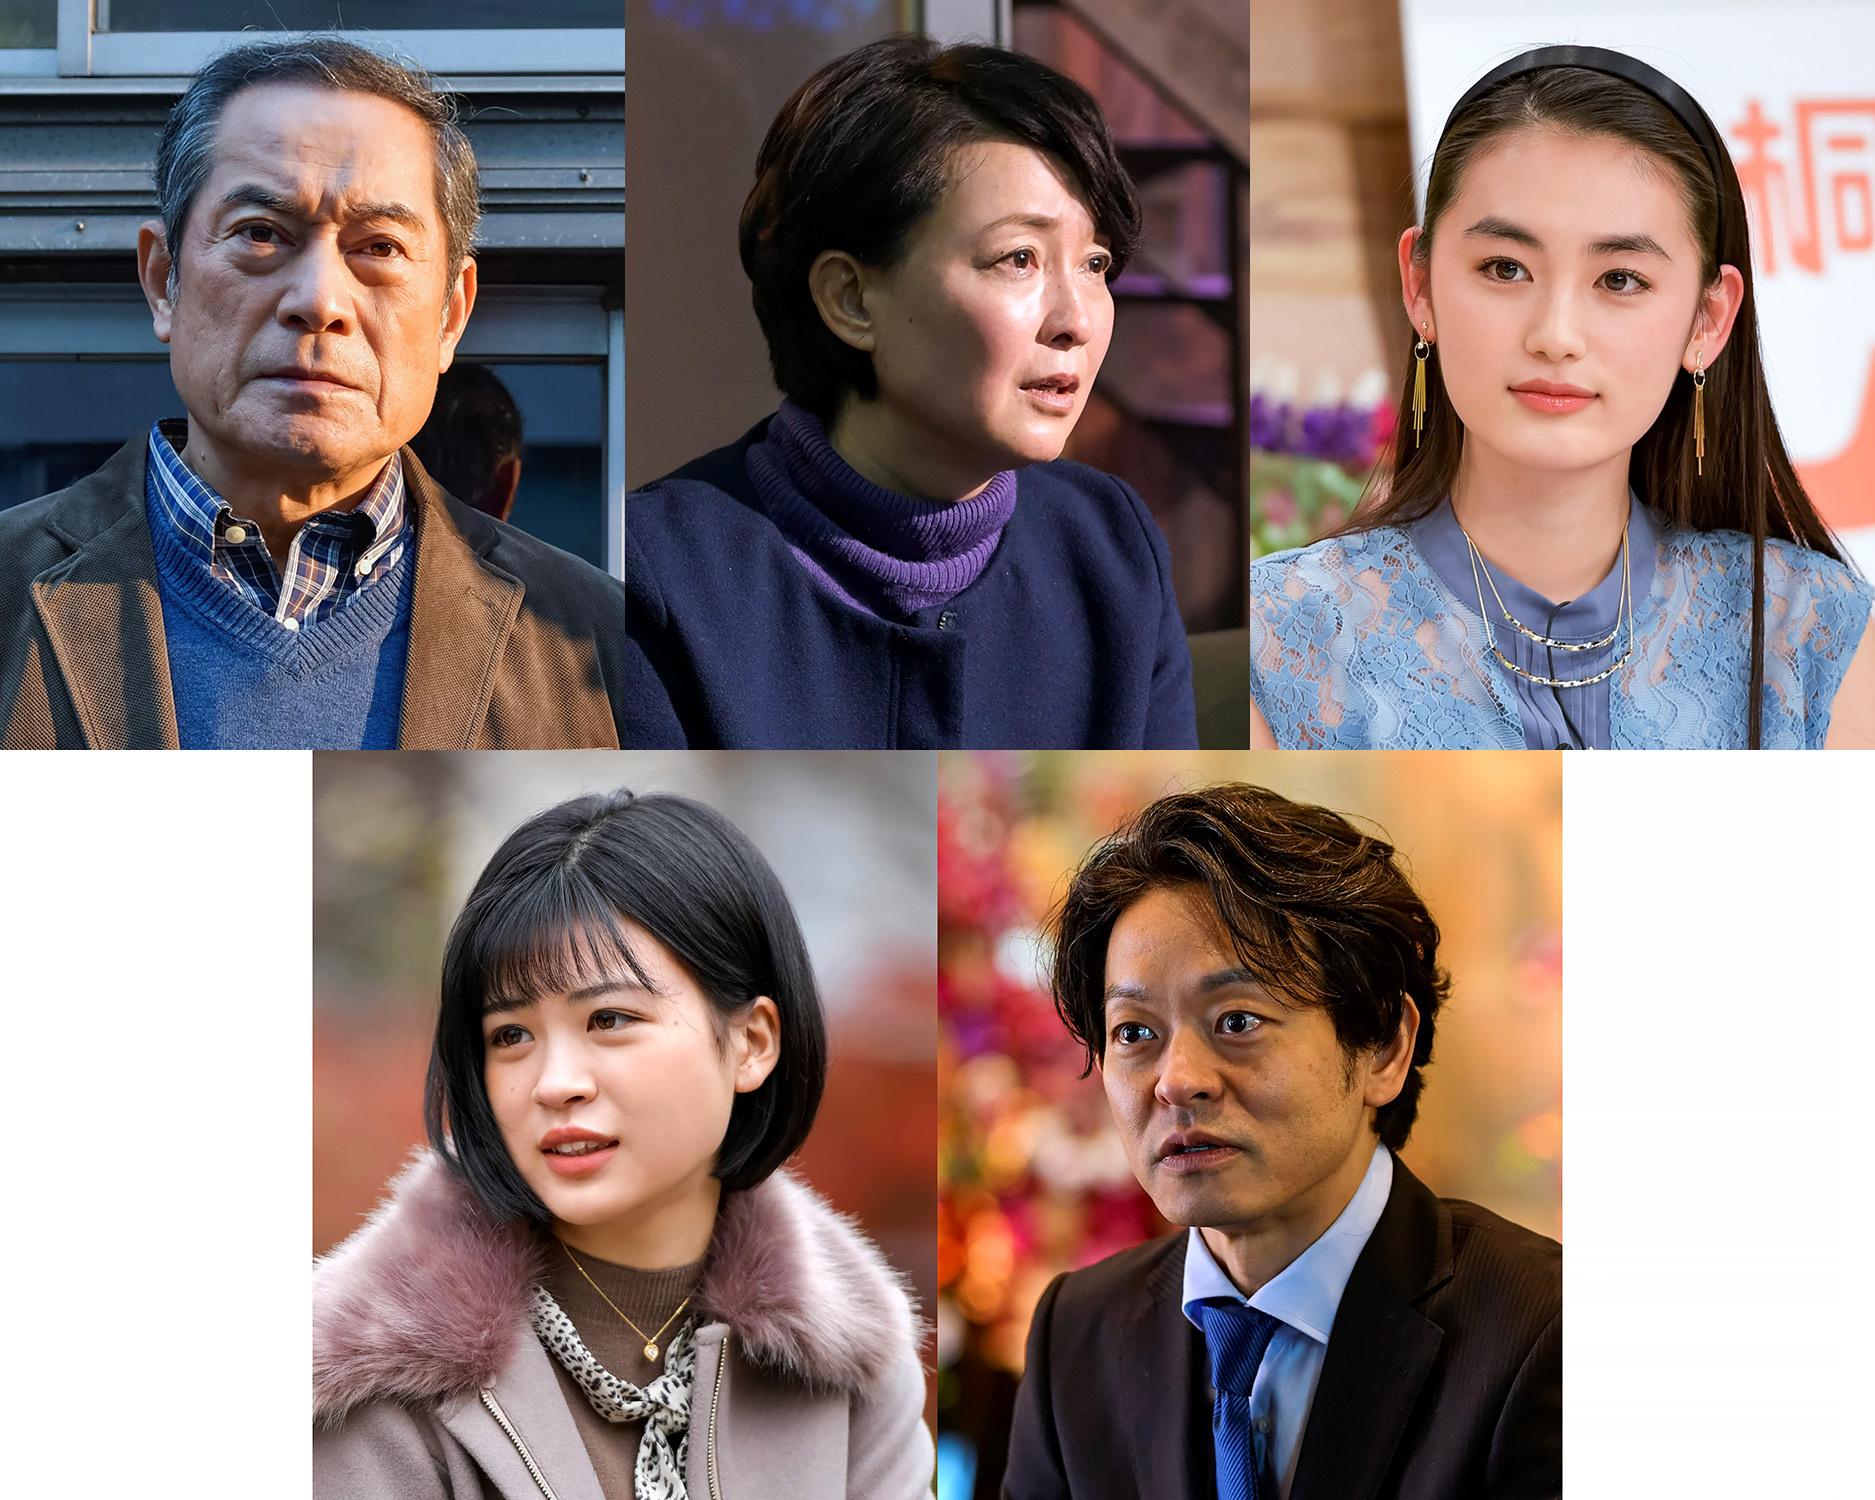 左上から時計回りに、松平健、床嶋佳子、八木莉可子、山中崇、中田青渚 (C)「アノニマス」製作委員会